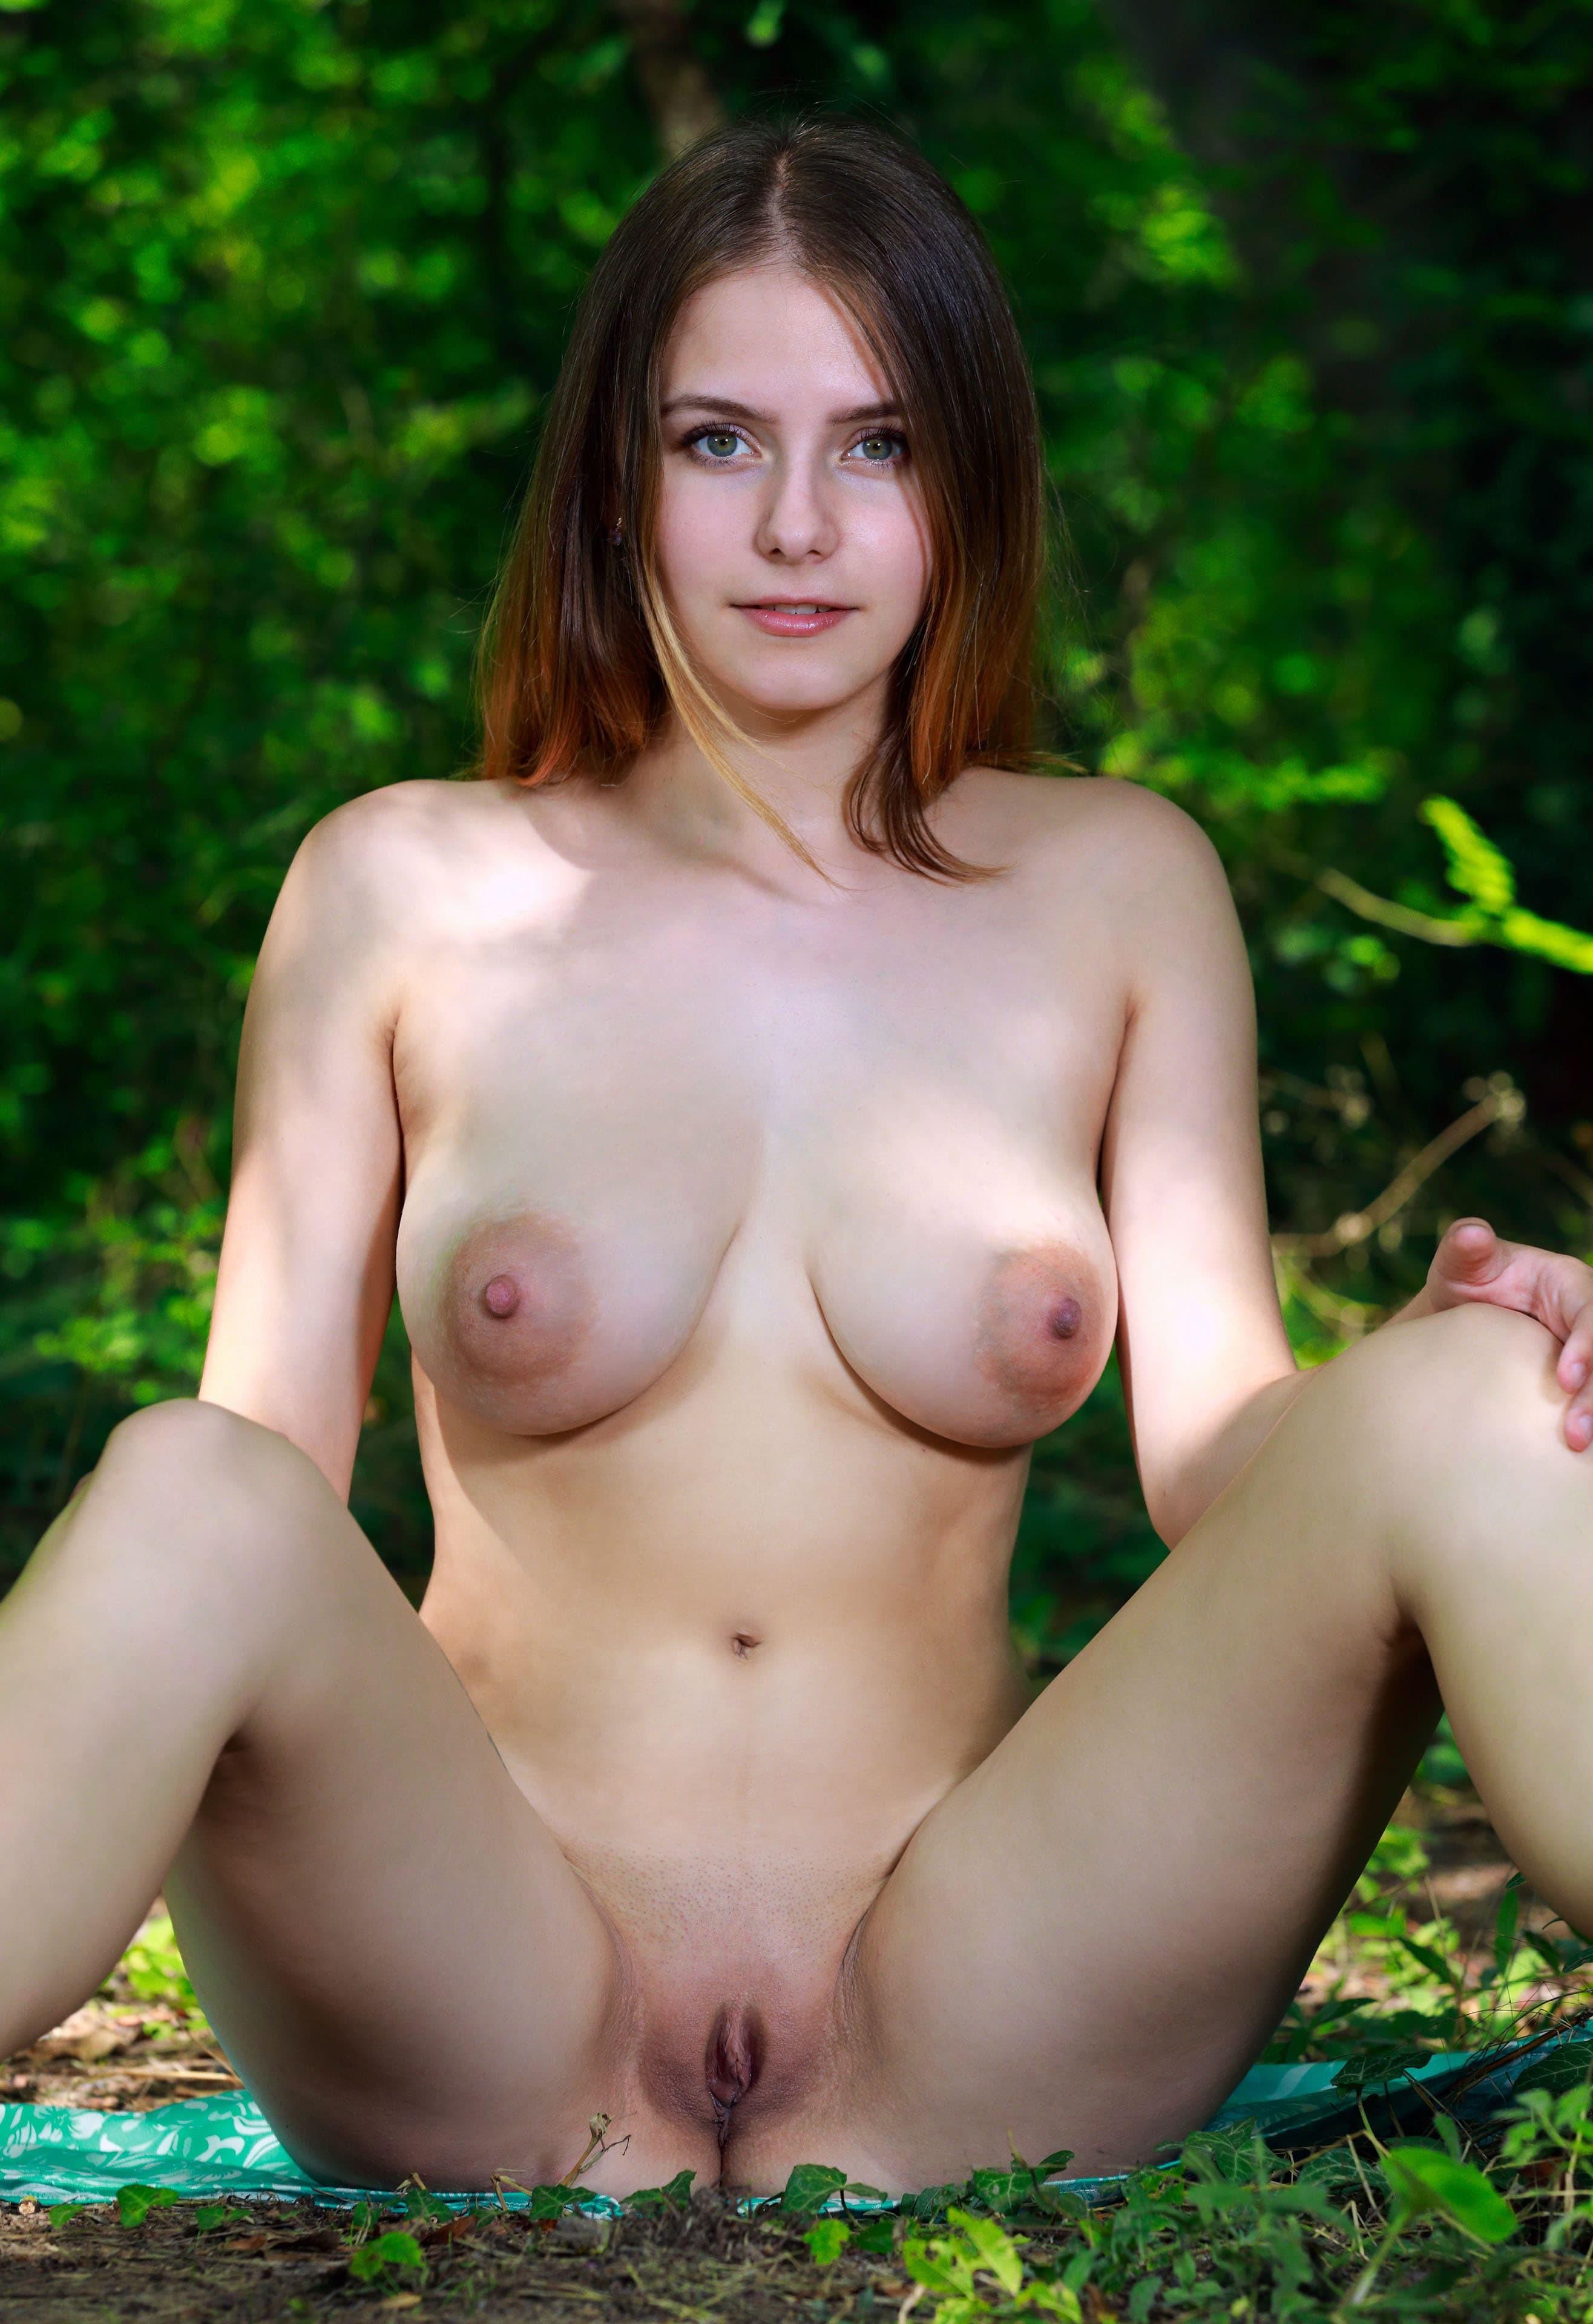 Милая девушка с большими висячими сиськами на природе - фото